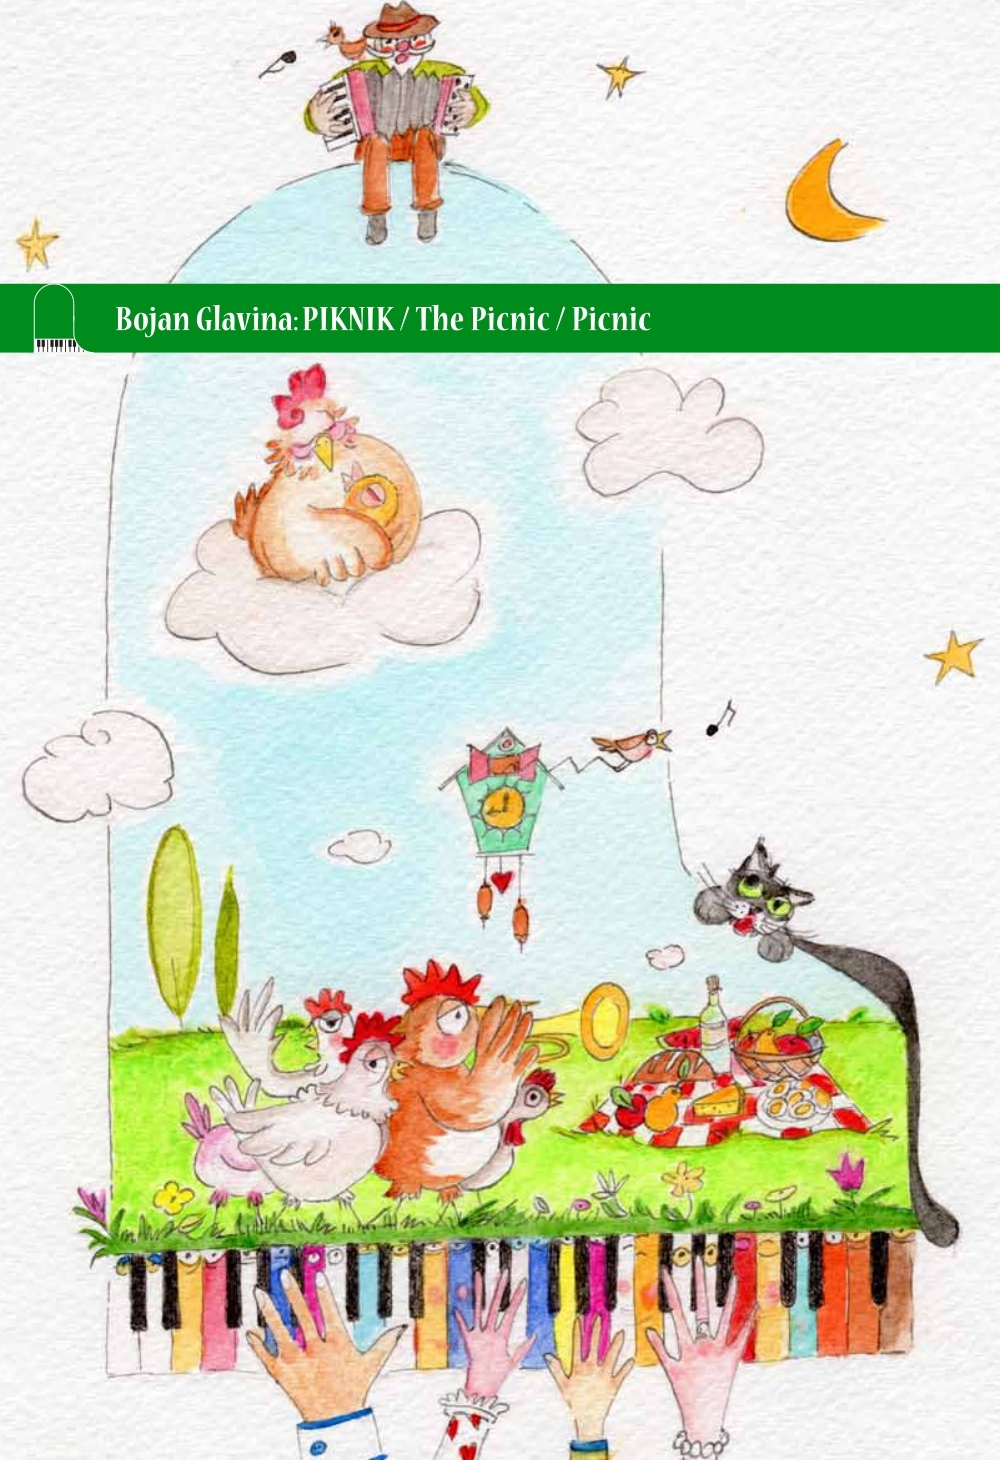 glavina-bojan_piknik